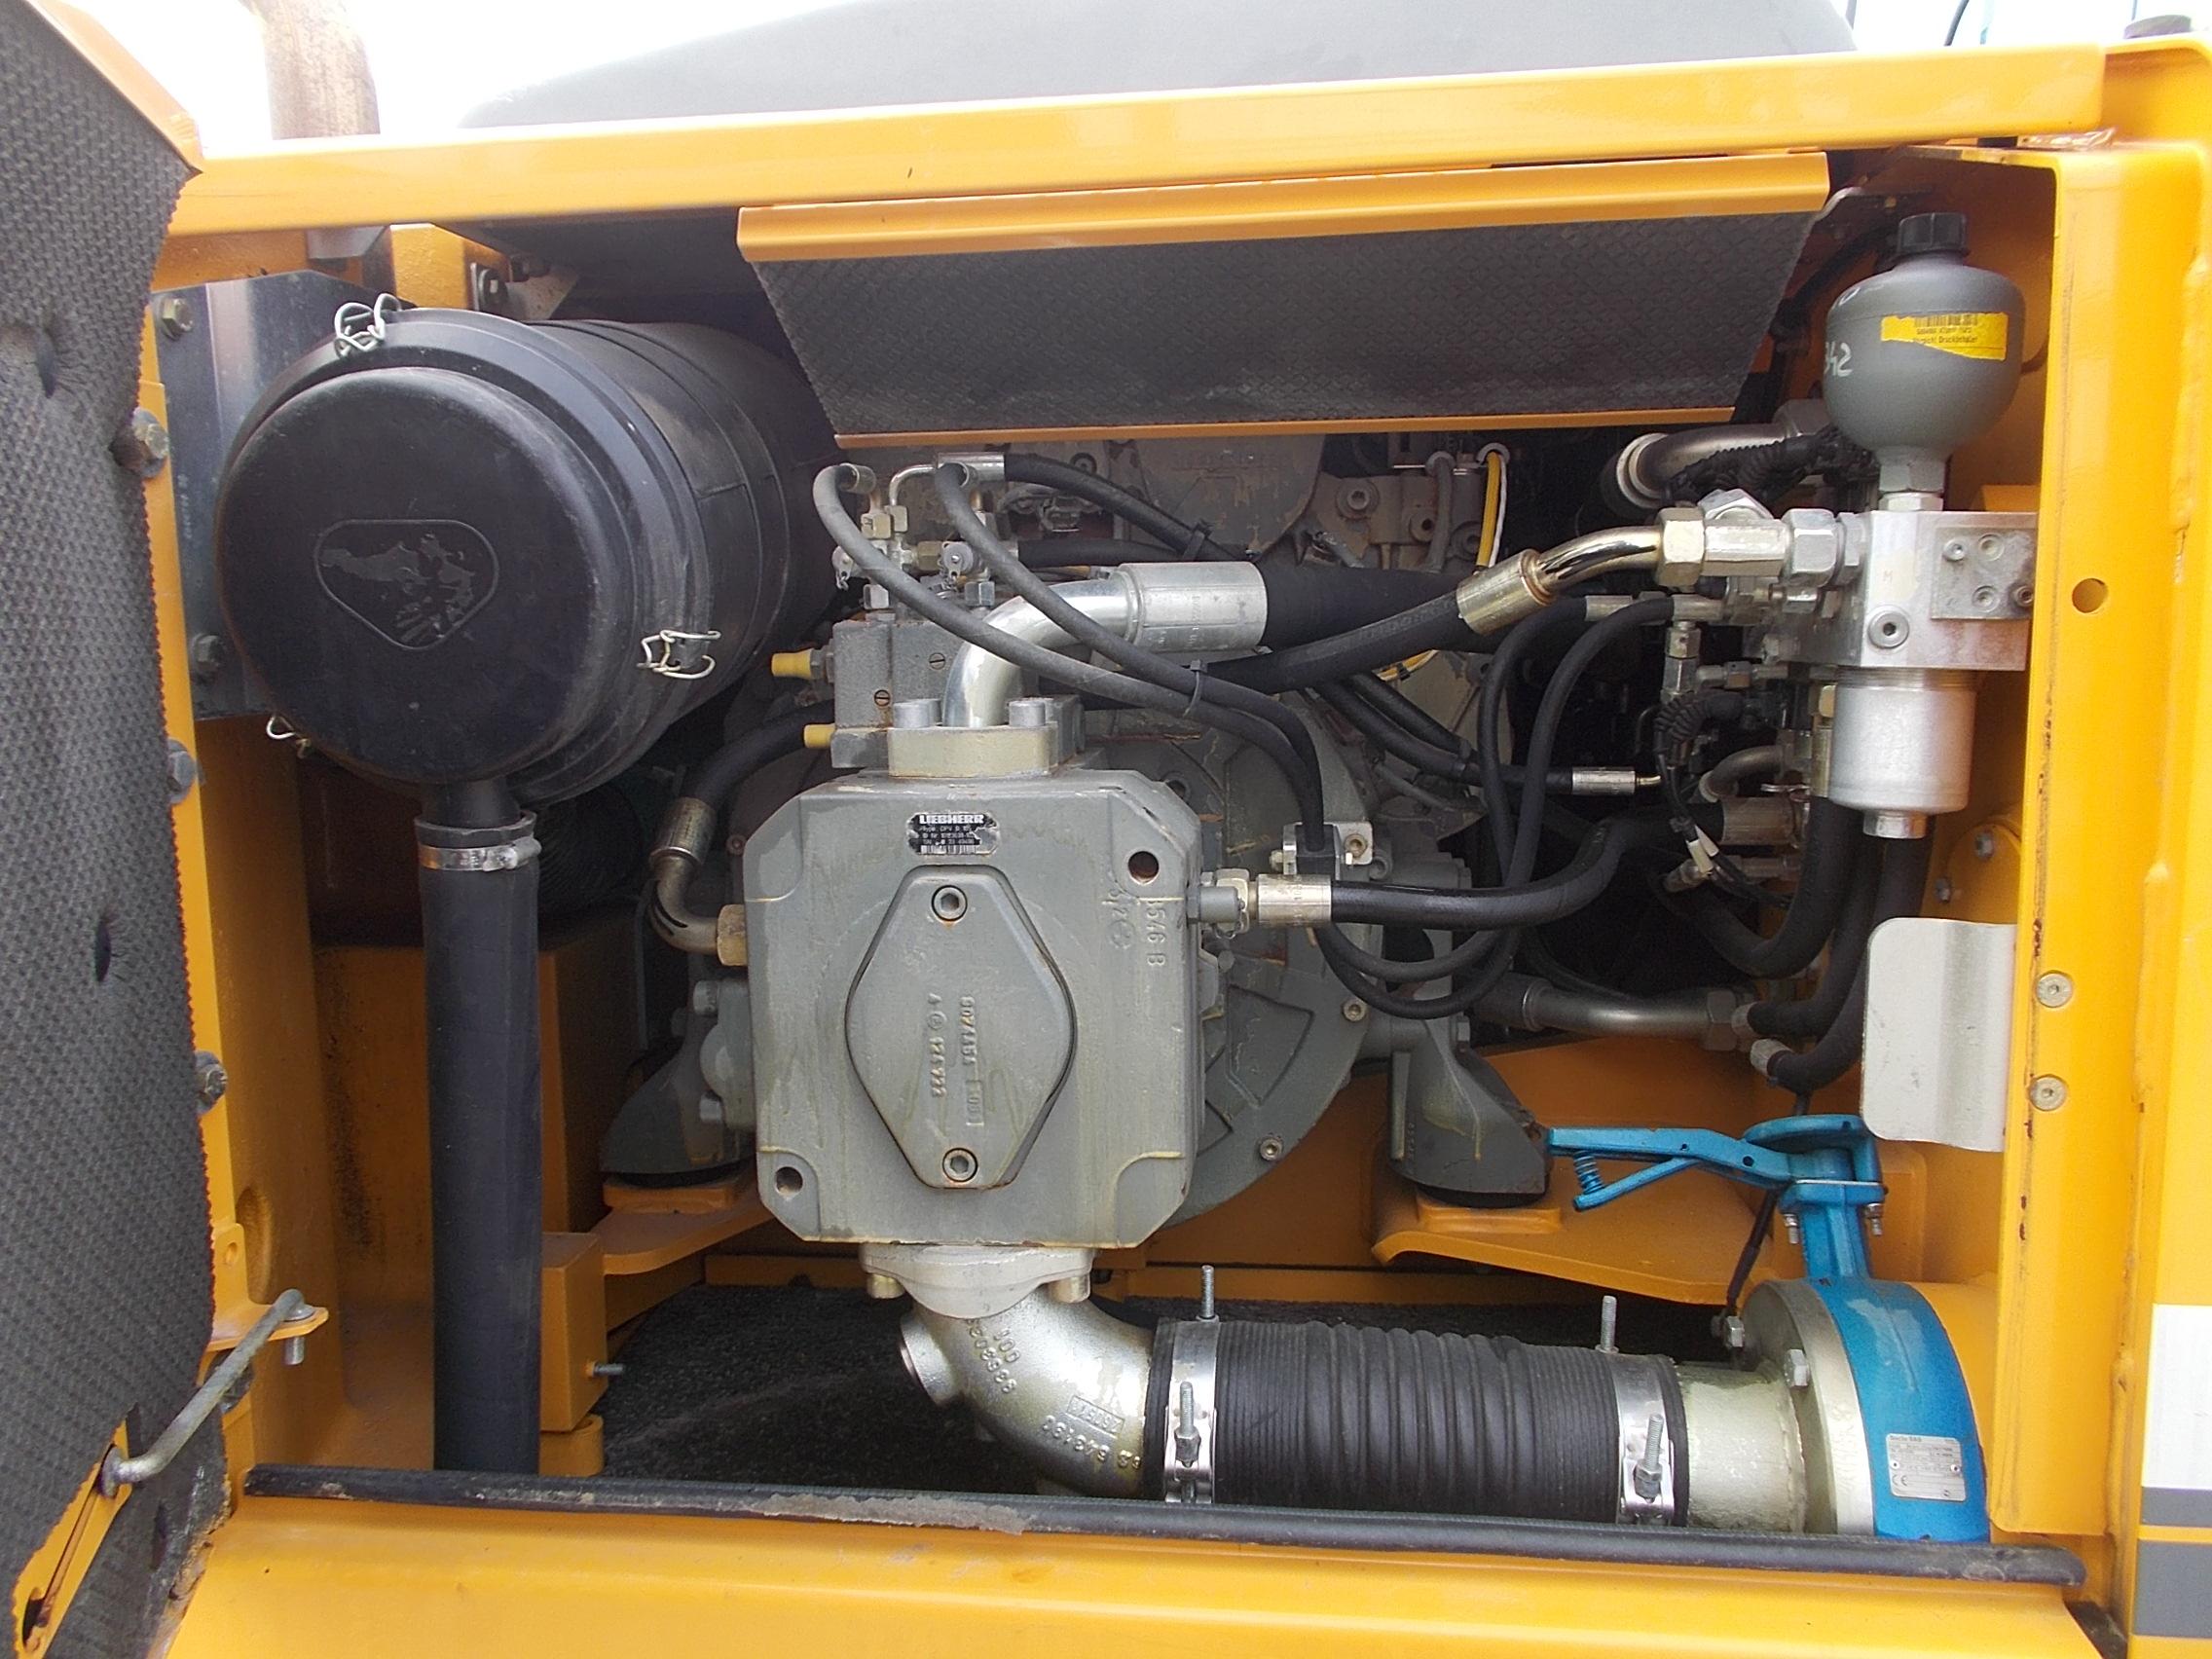 R900C LC LI-1076-60176_005.JPG